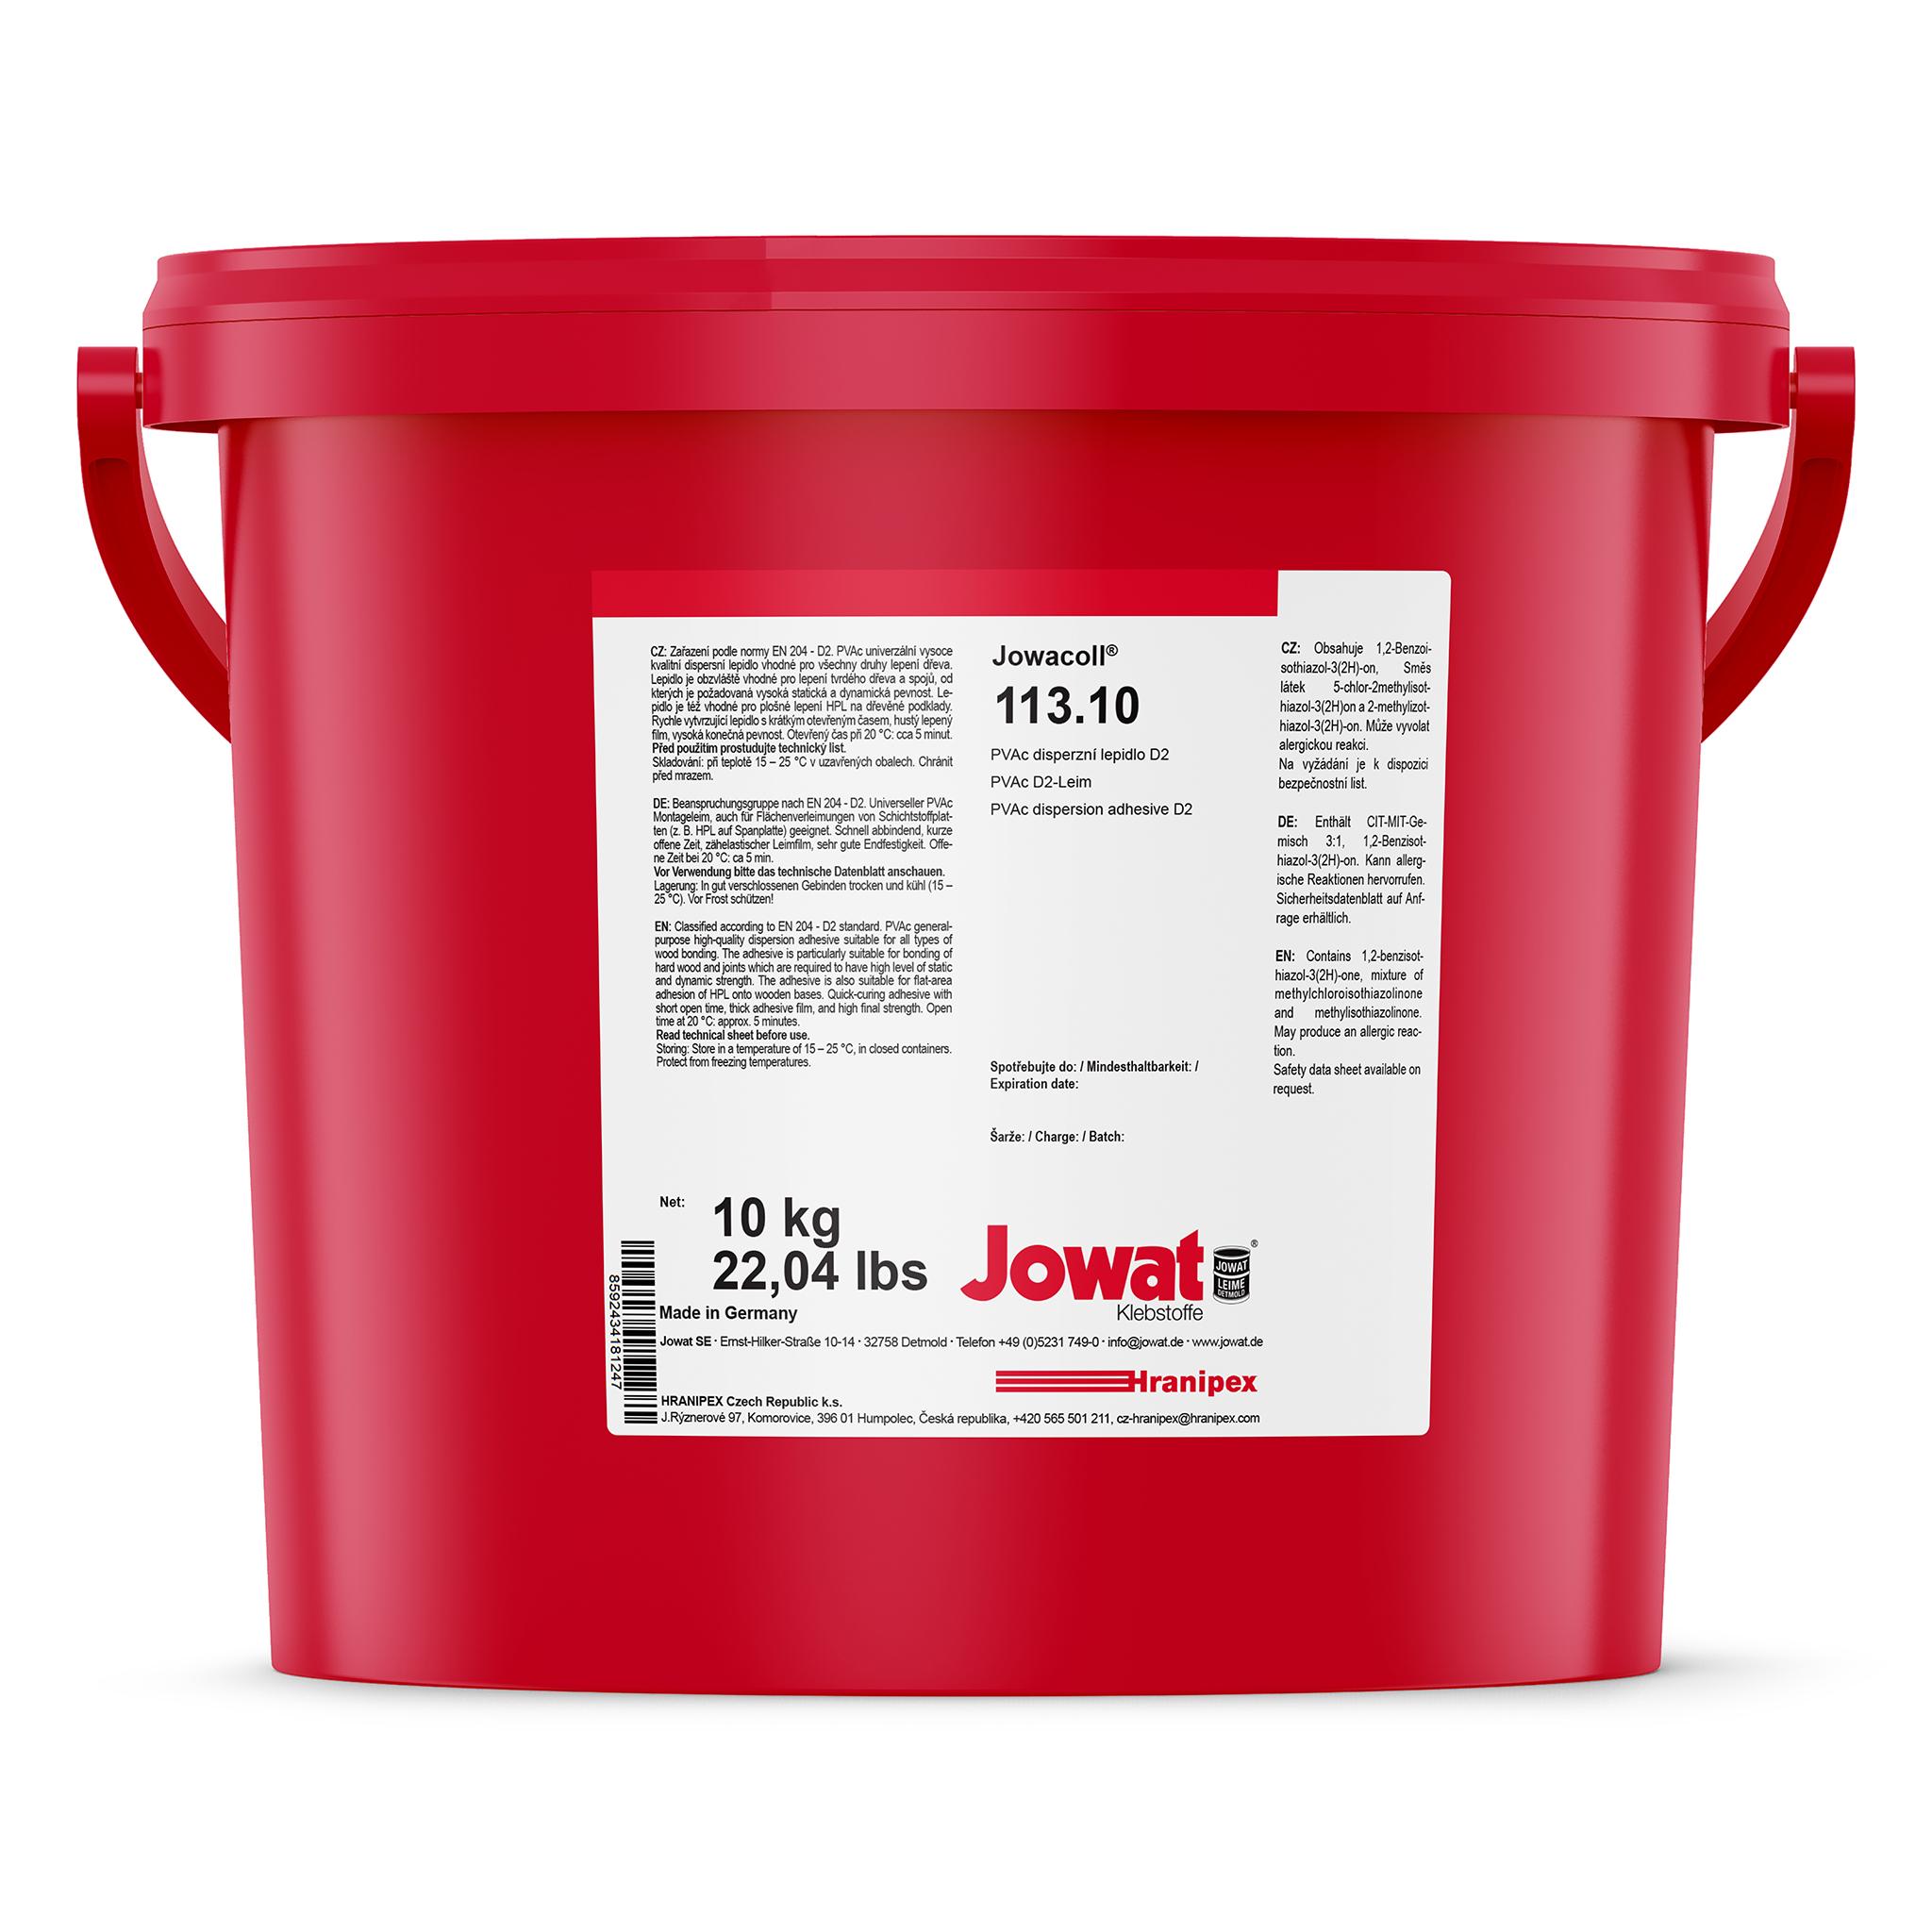 JOWACOLL 113.10 - дисперсионный клей ПВА 10 kg